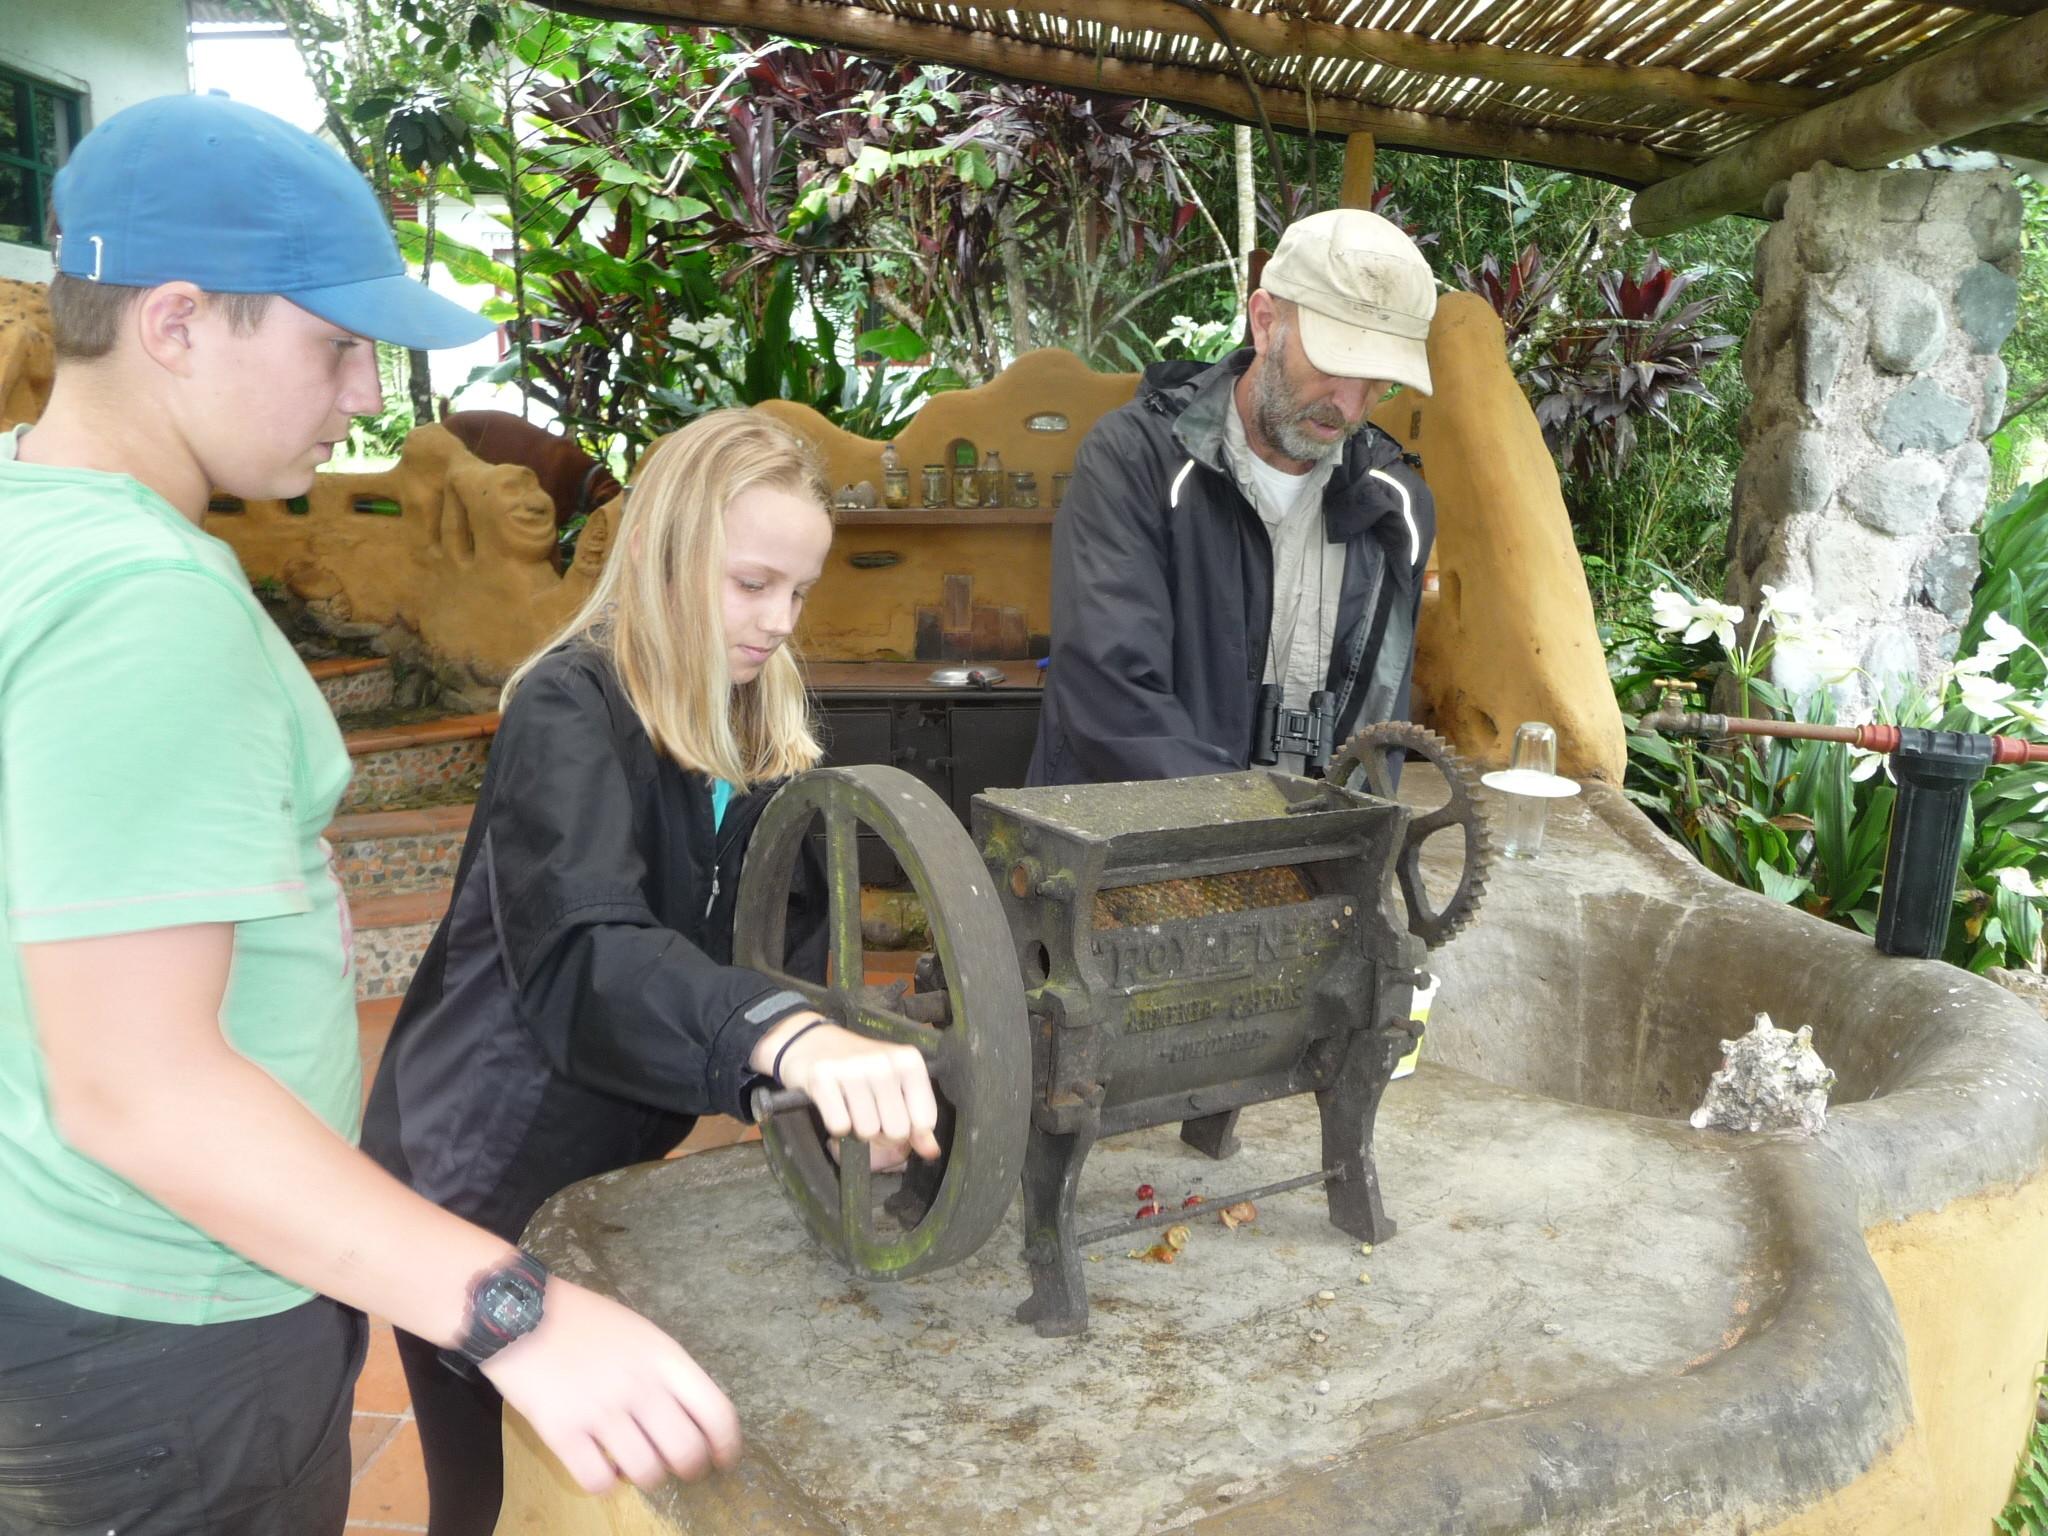 Volunteers grinding coffee in Ecuador forest